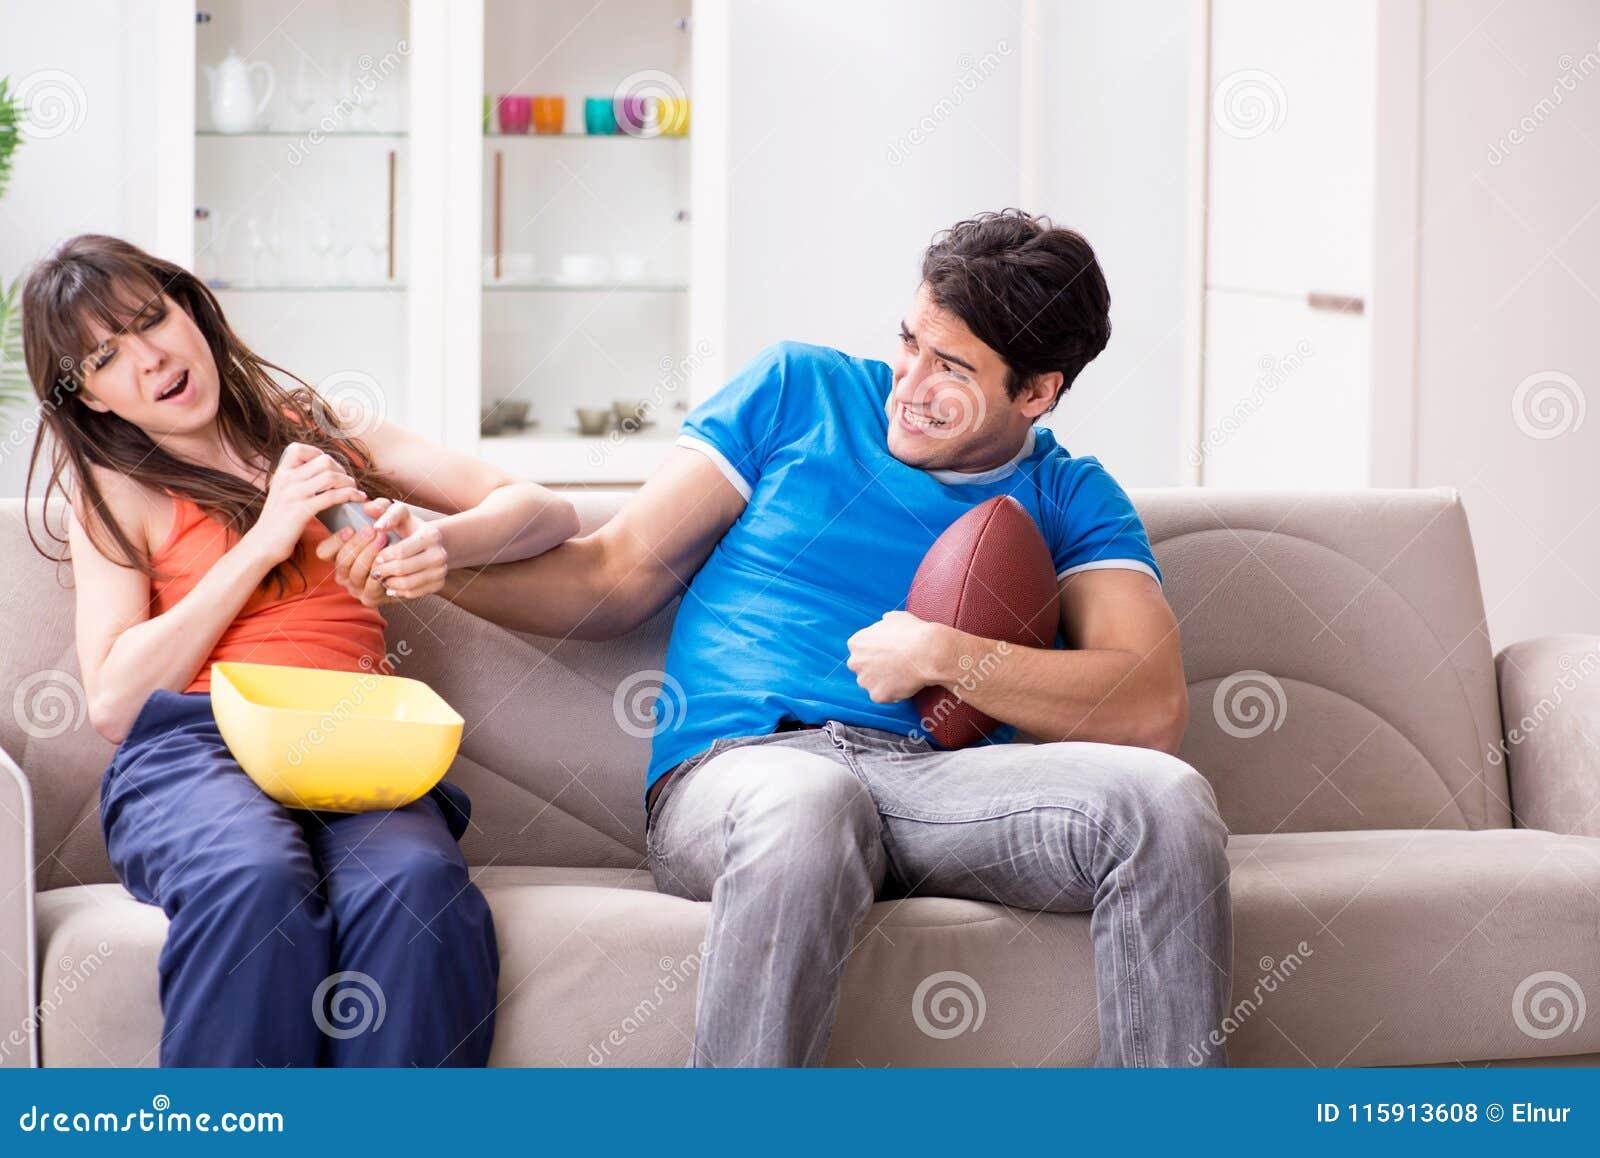 Трахнул пока муж смотрел футбол с другом, Жена тихо изменяет мужу с его лучшим другом во время 24 фотография